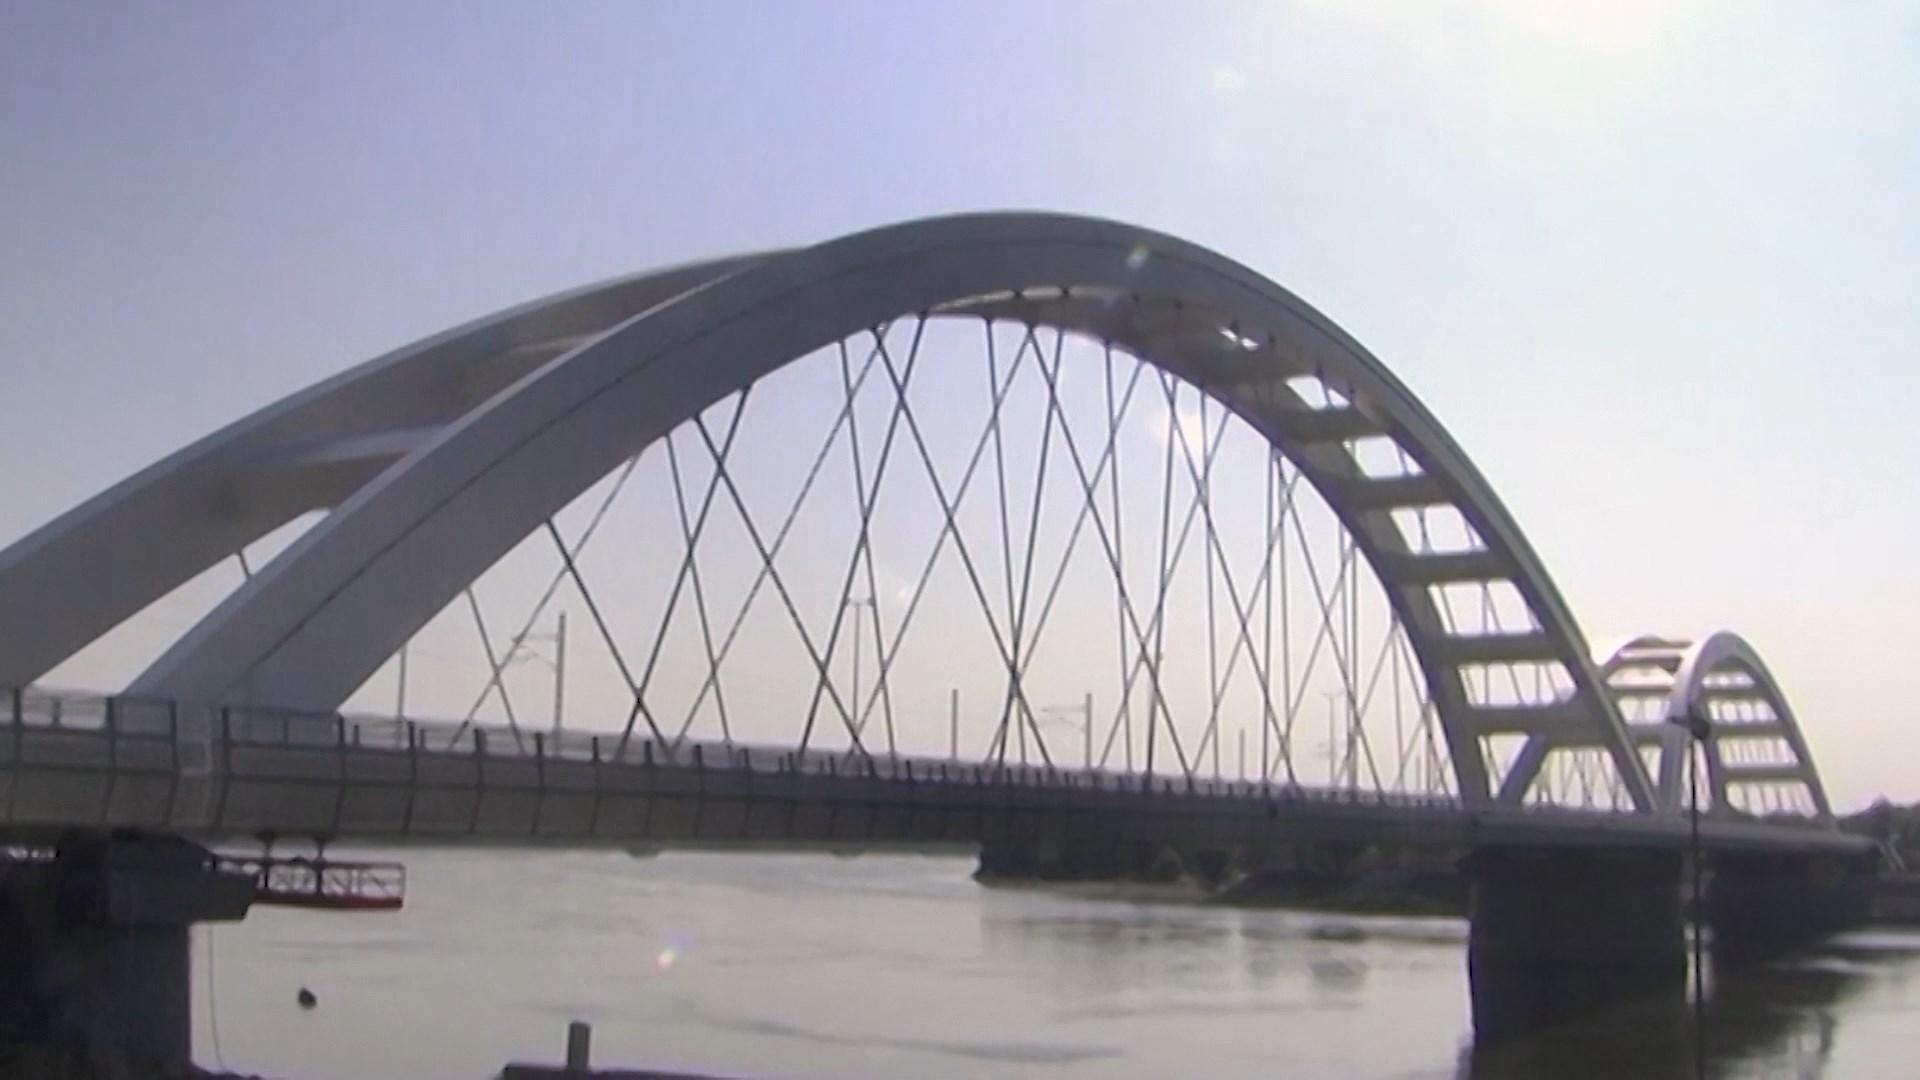 Rindërtohet ura e bombarduar/ Hahn në Serbi: Urat, simbol i lidhjes